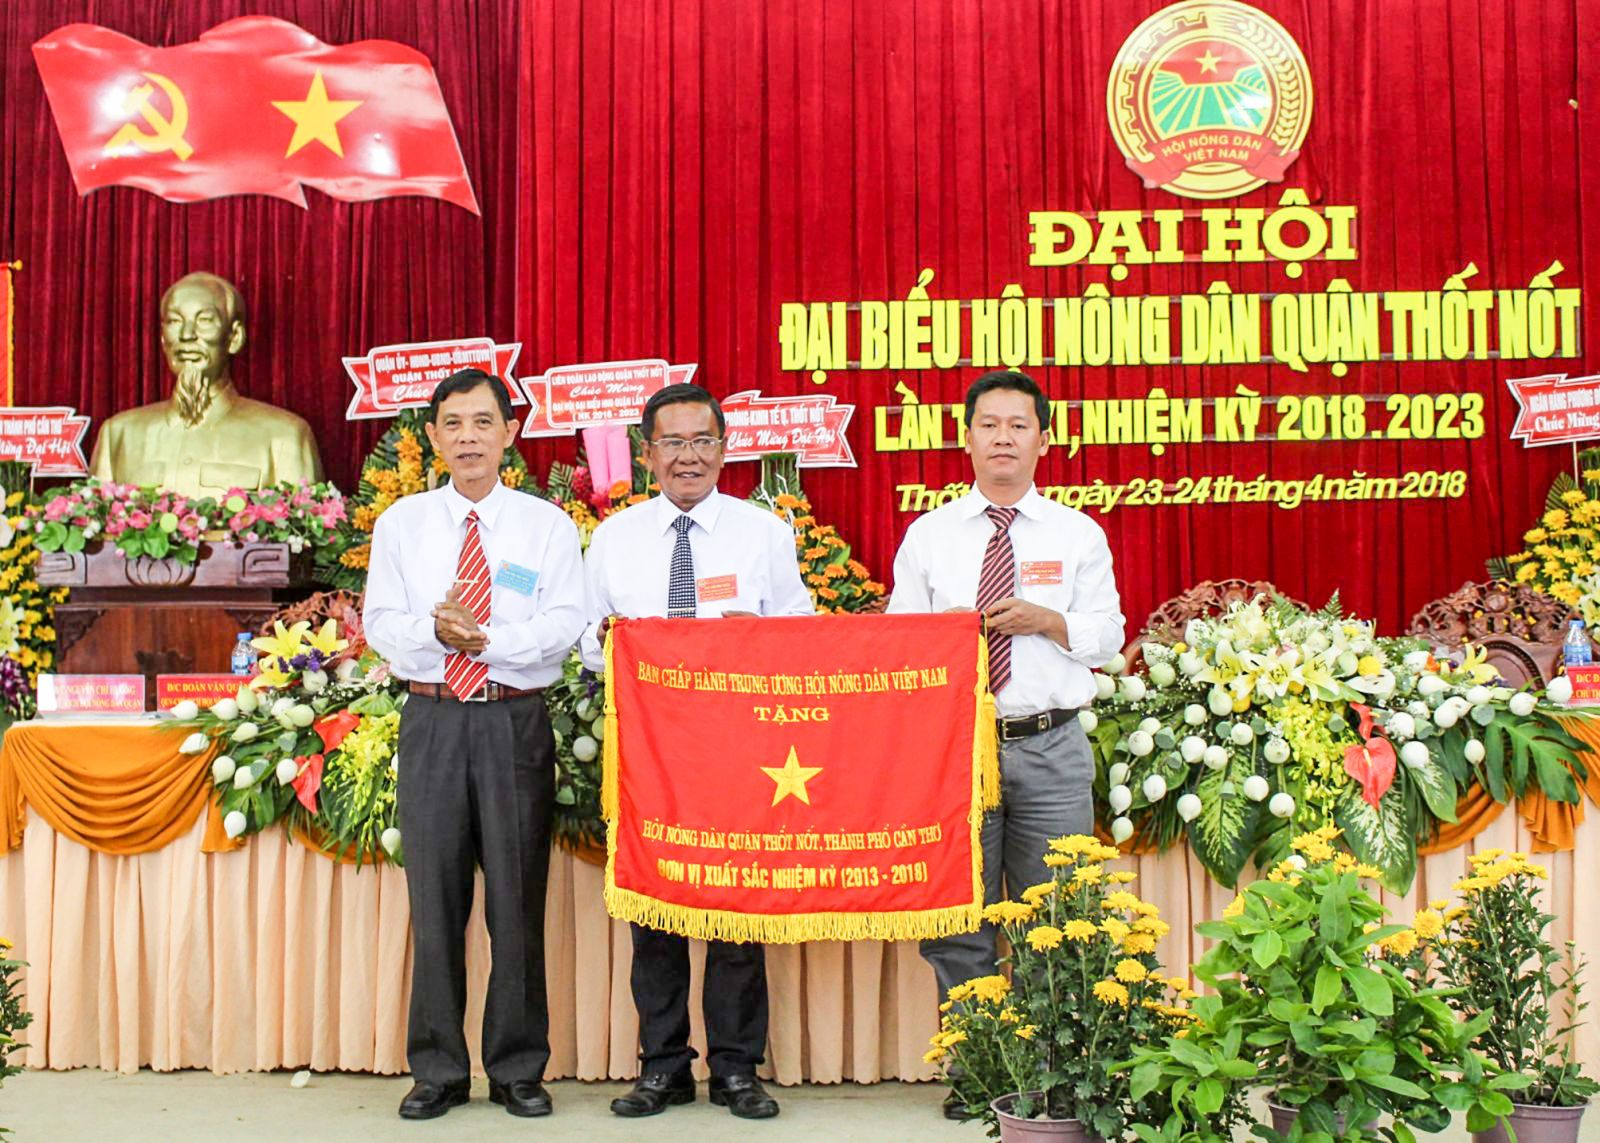 Ông Lê Bá Phước, Chủ tịch HND thành phố (bìa trái) trao cờ của Trung ương HND Việt Nam cho lãnh đạo HND quận Thốt Nốt. Ảnh: THANH THƯ